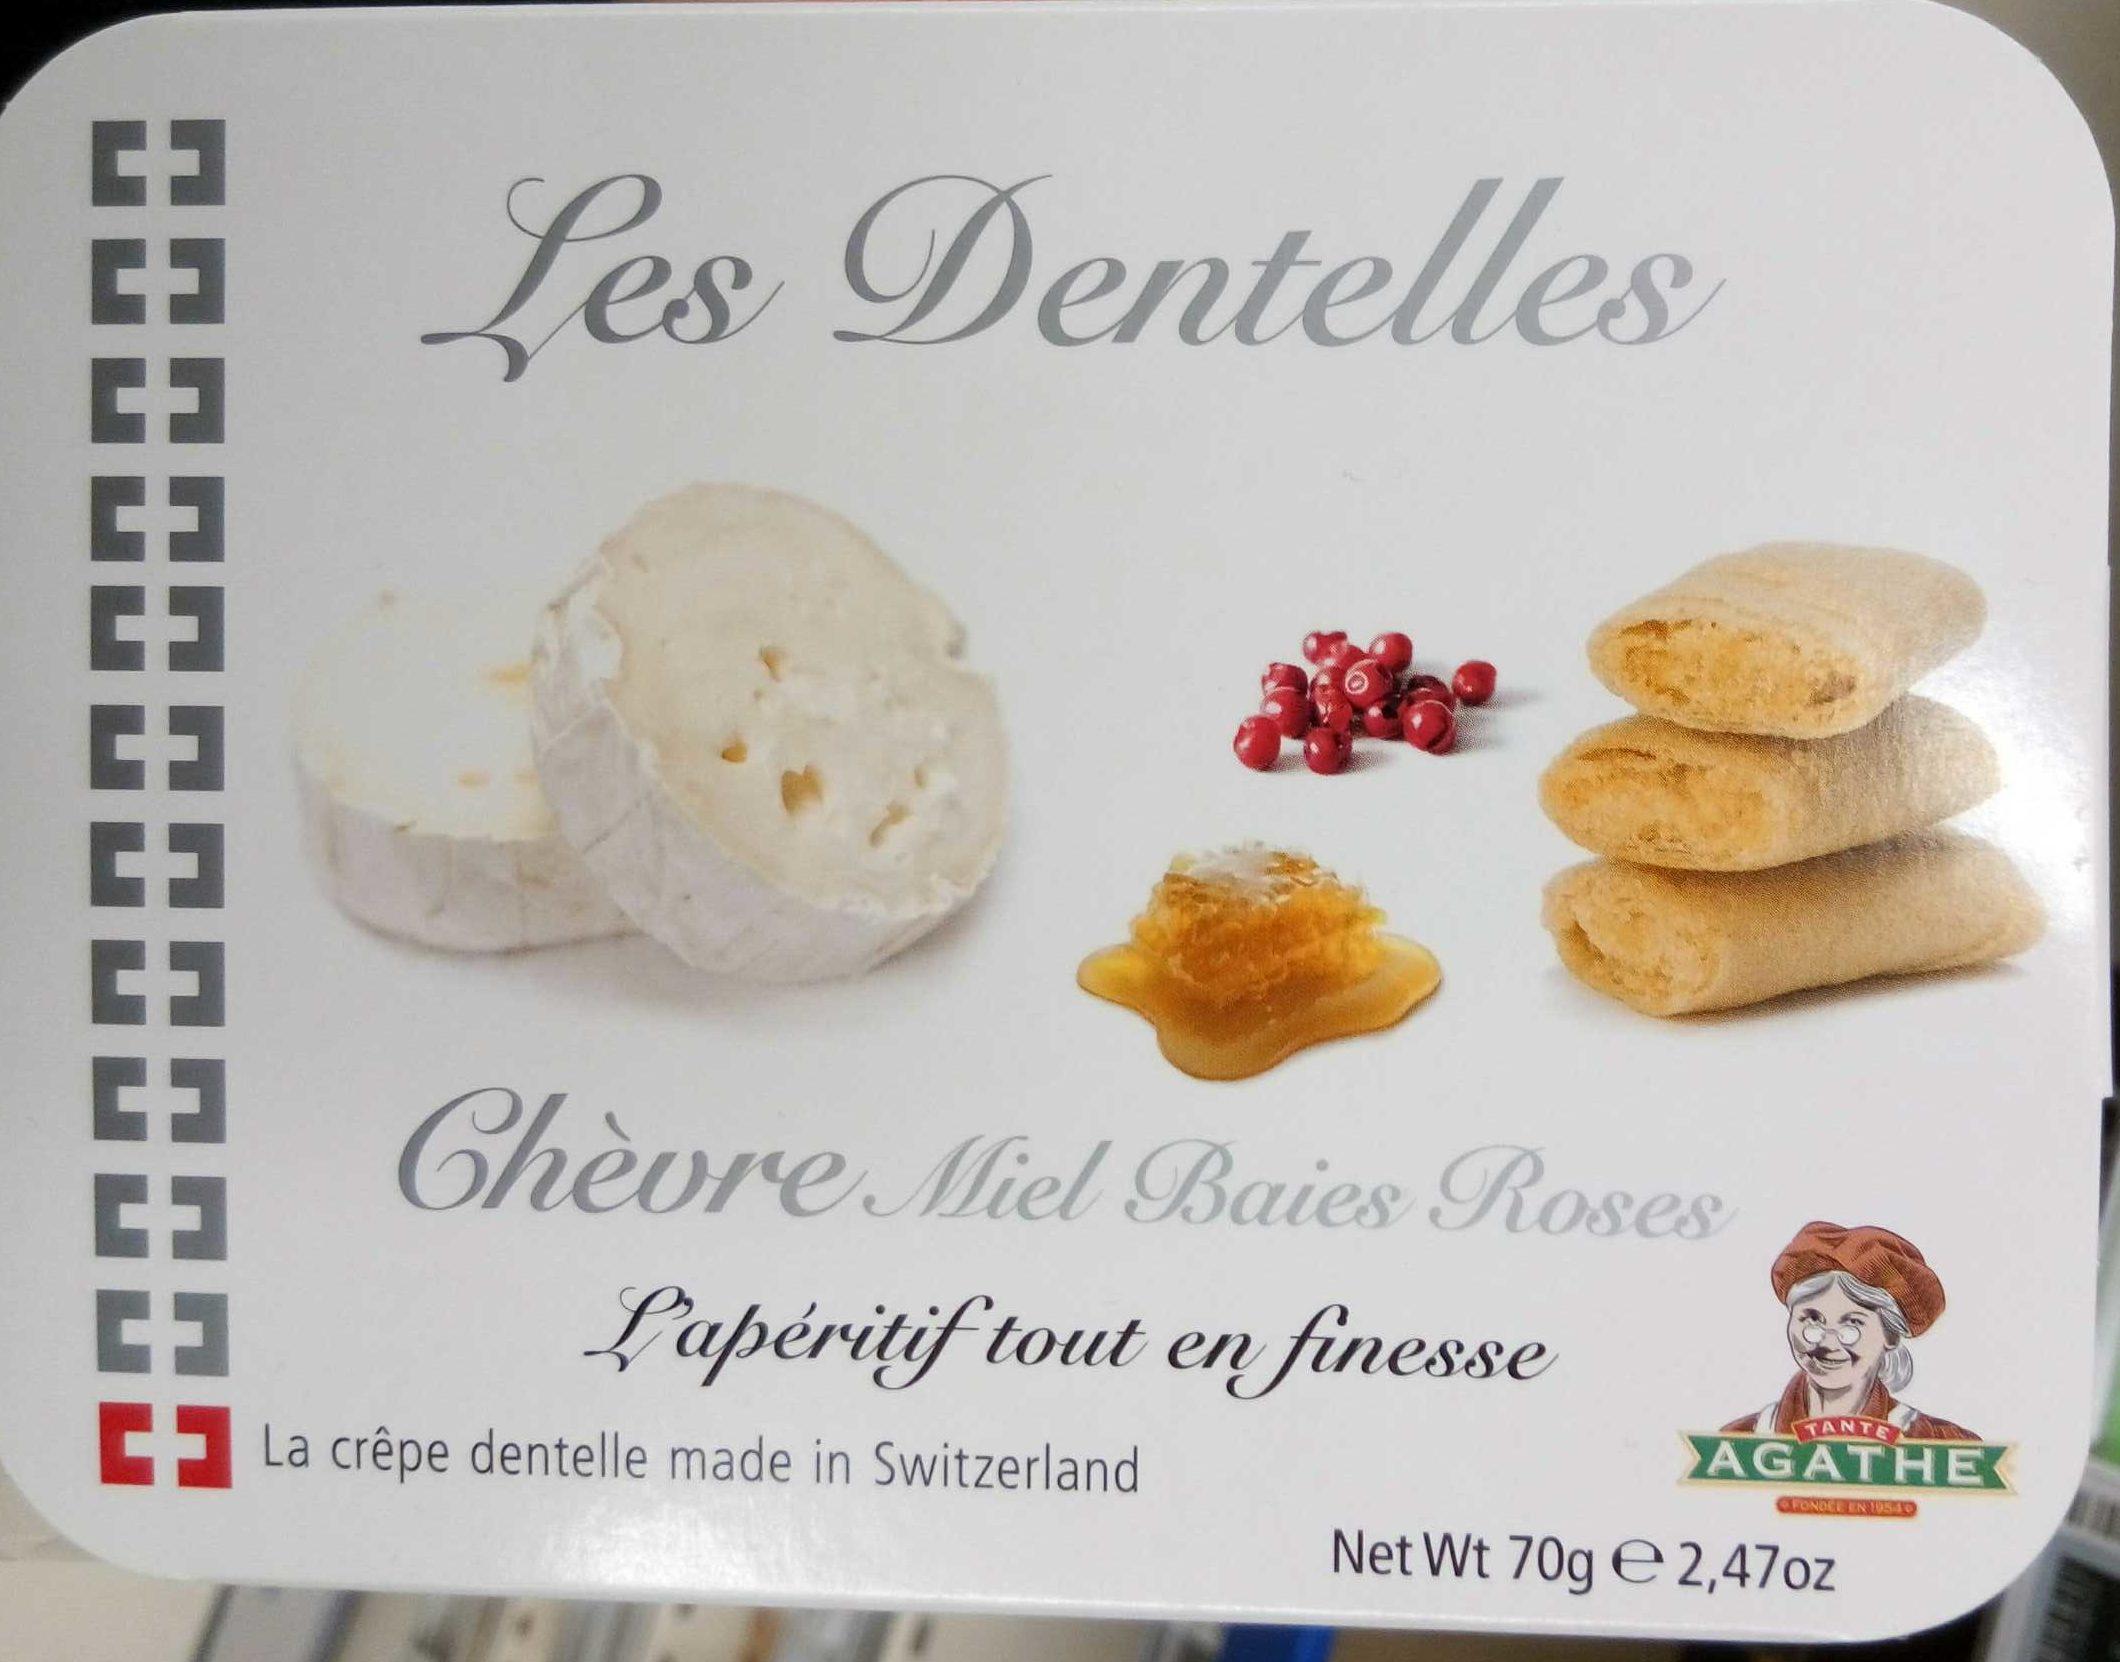 Les Dentelles Chèvre Miel Baies Roses - Product - fr